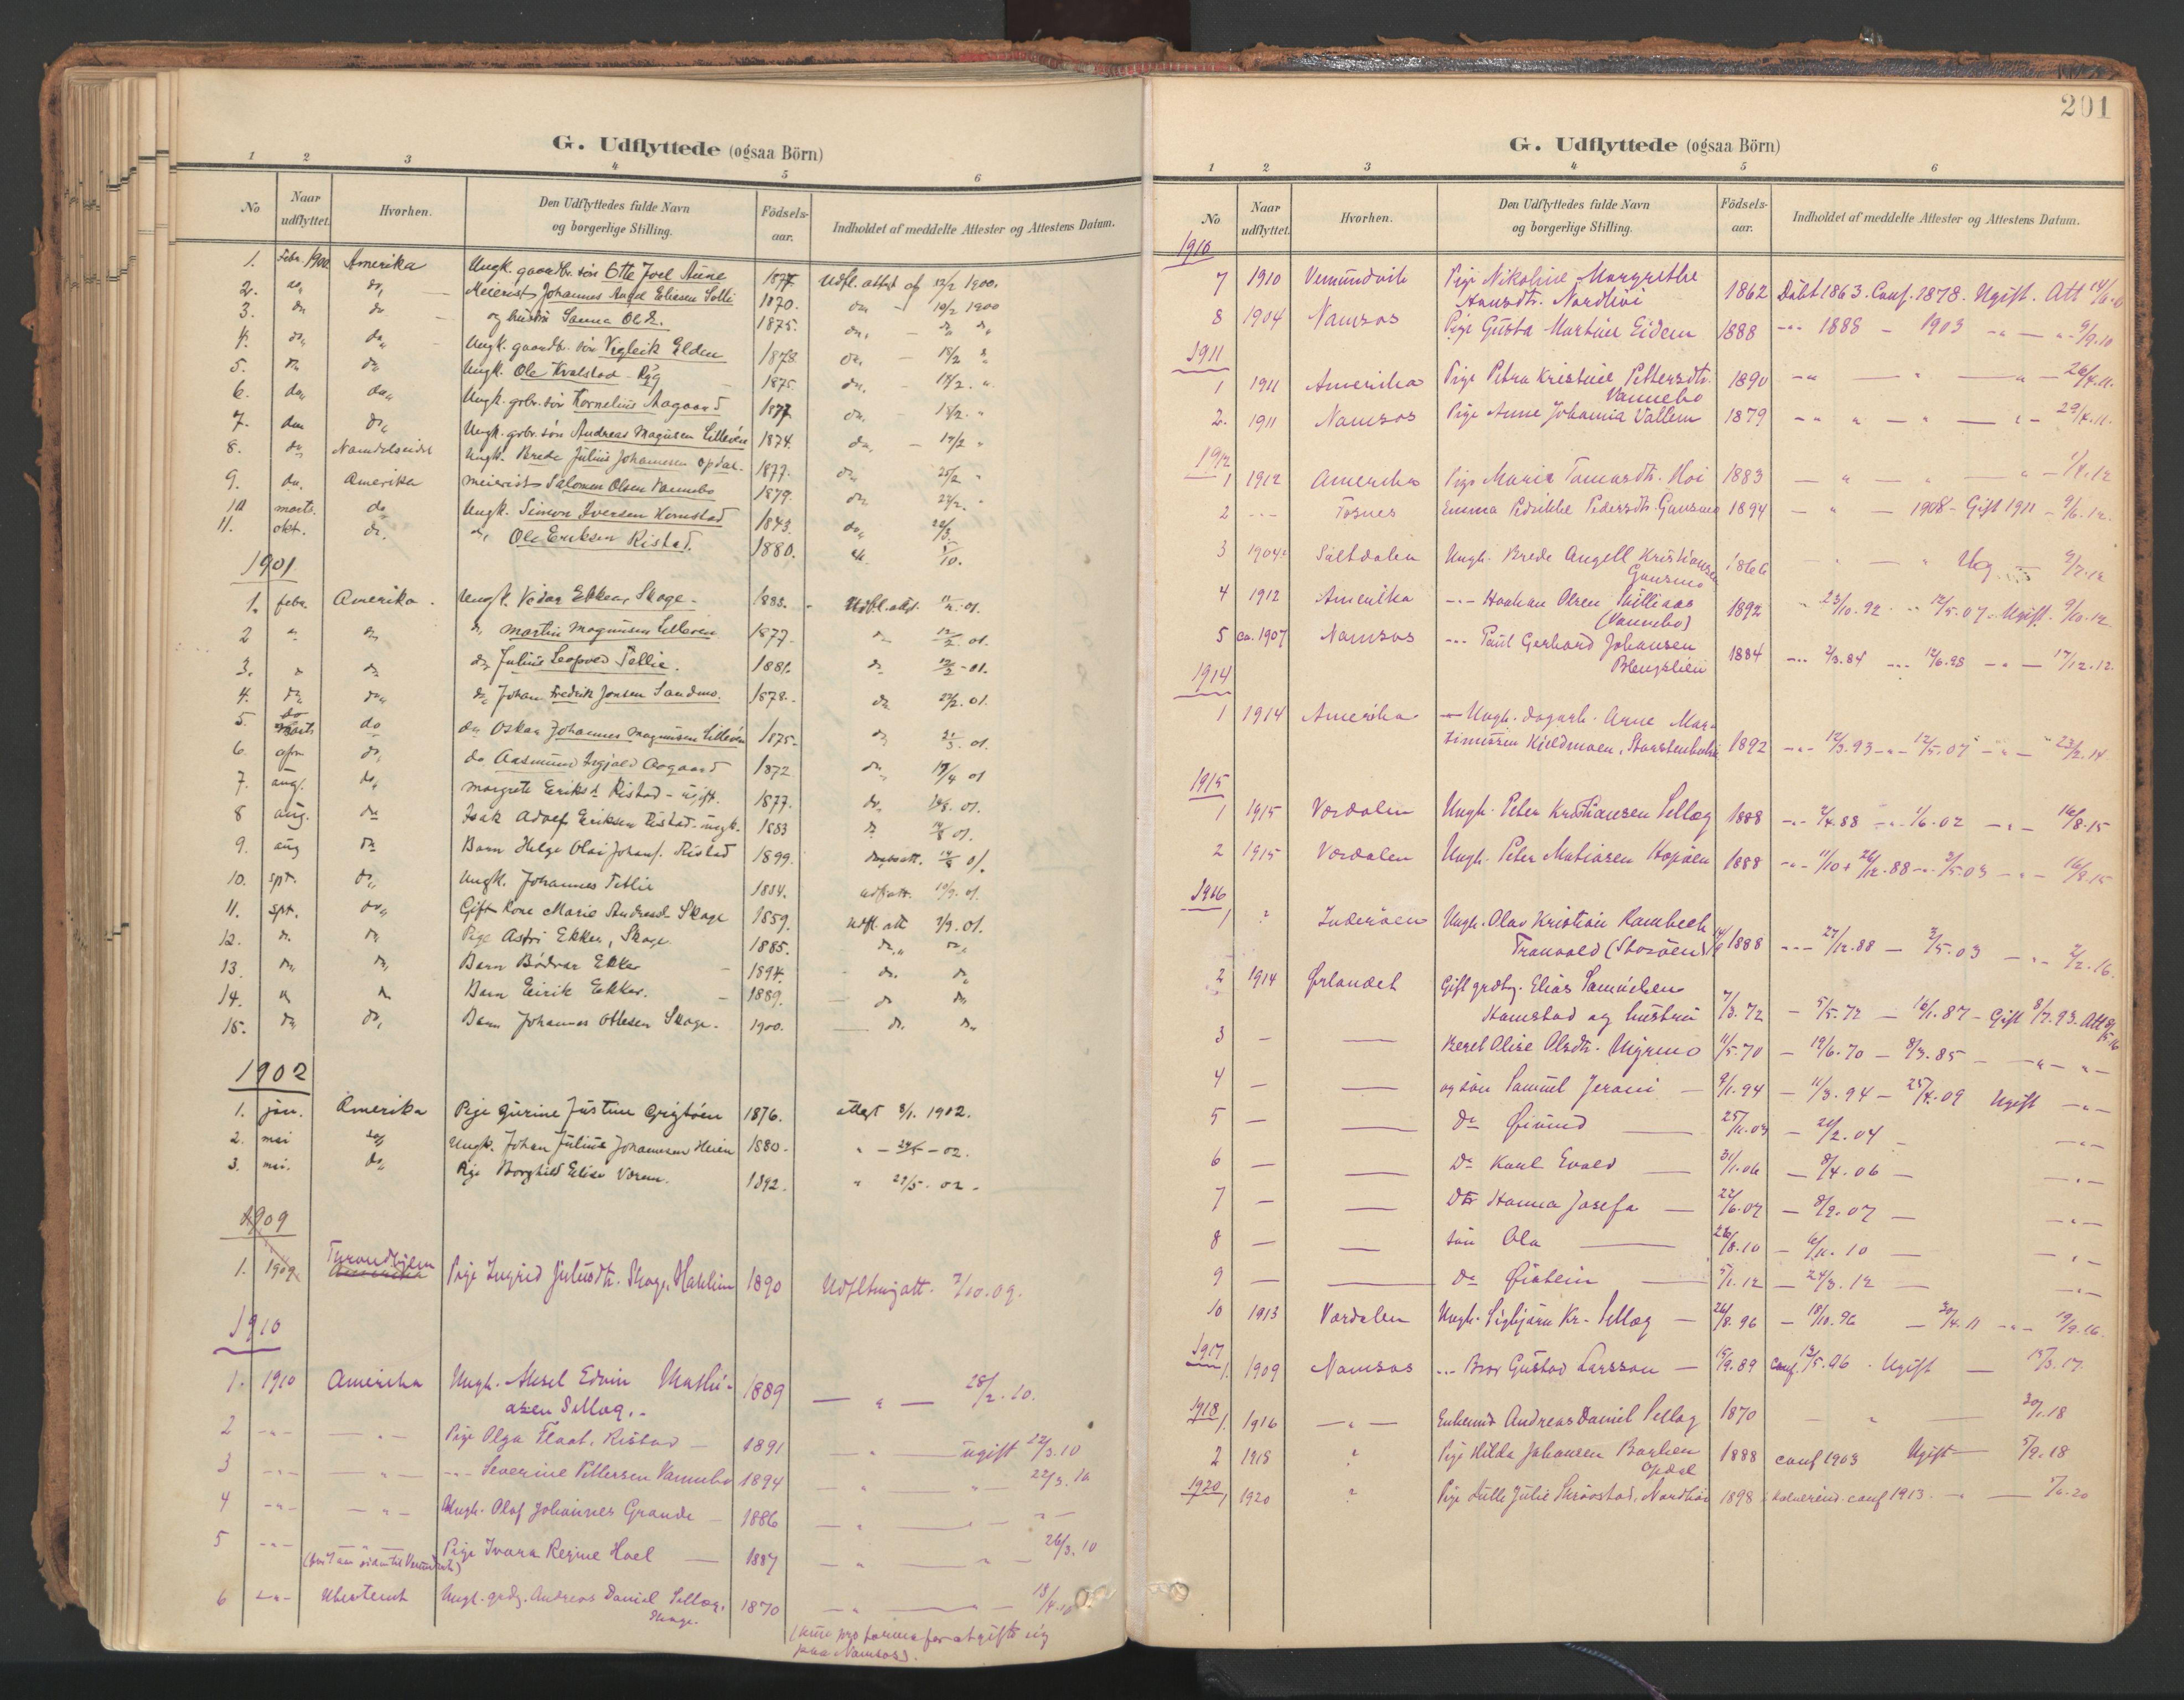 SAT, Ministerialprotokoller, klokkerbøker og fødselsregistre - Nord-Trøndelag, 766/L0564: Ministerialbok nr. 767A02, 1900-1932, s. 201